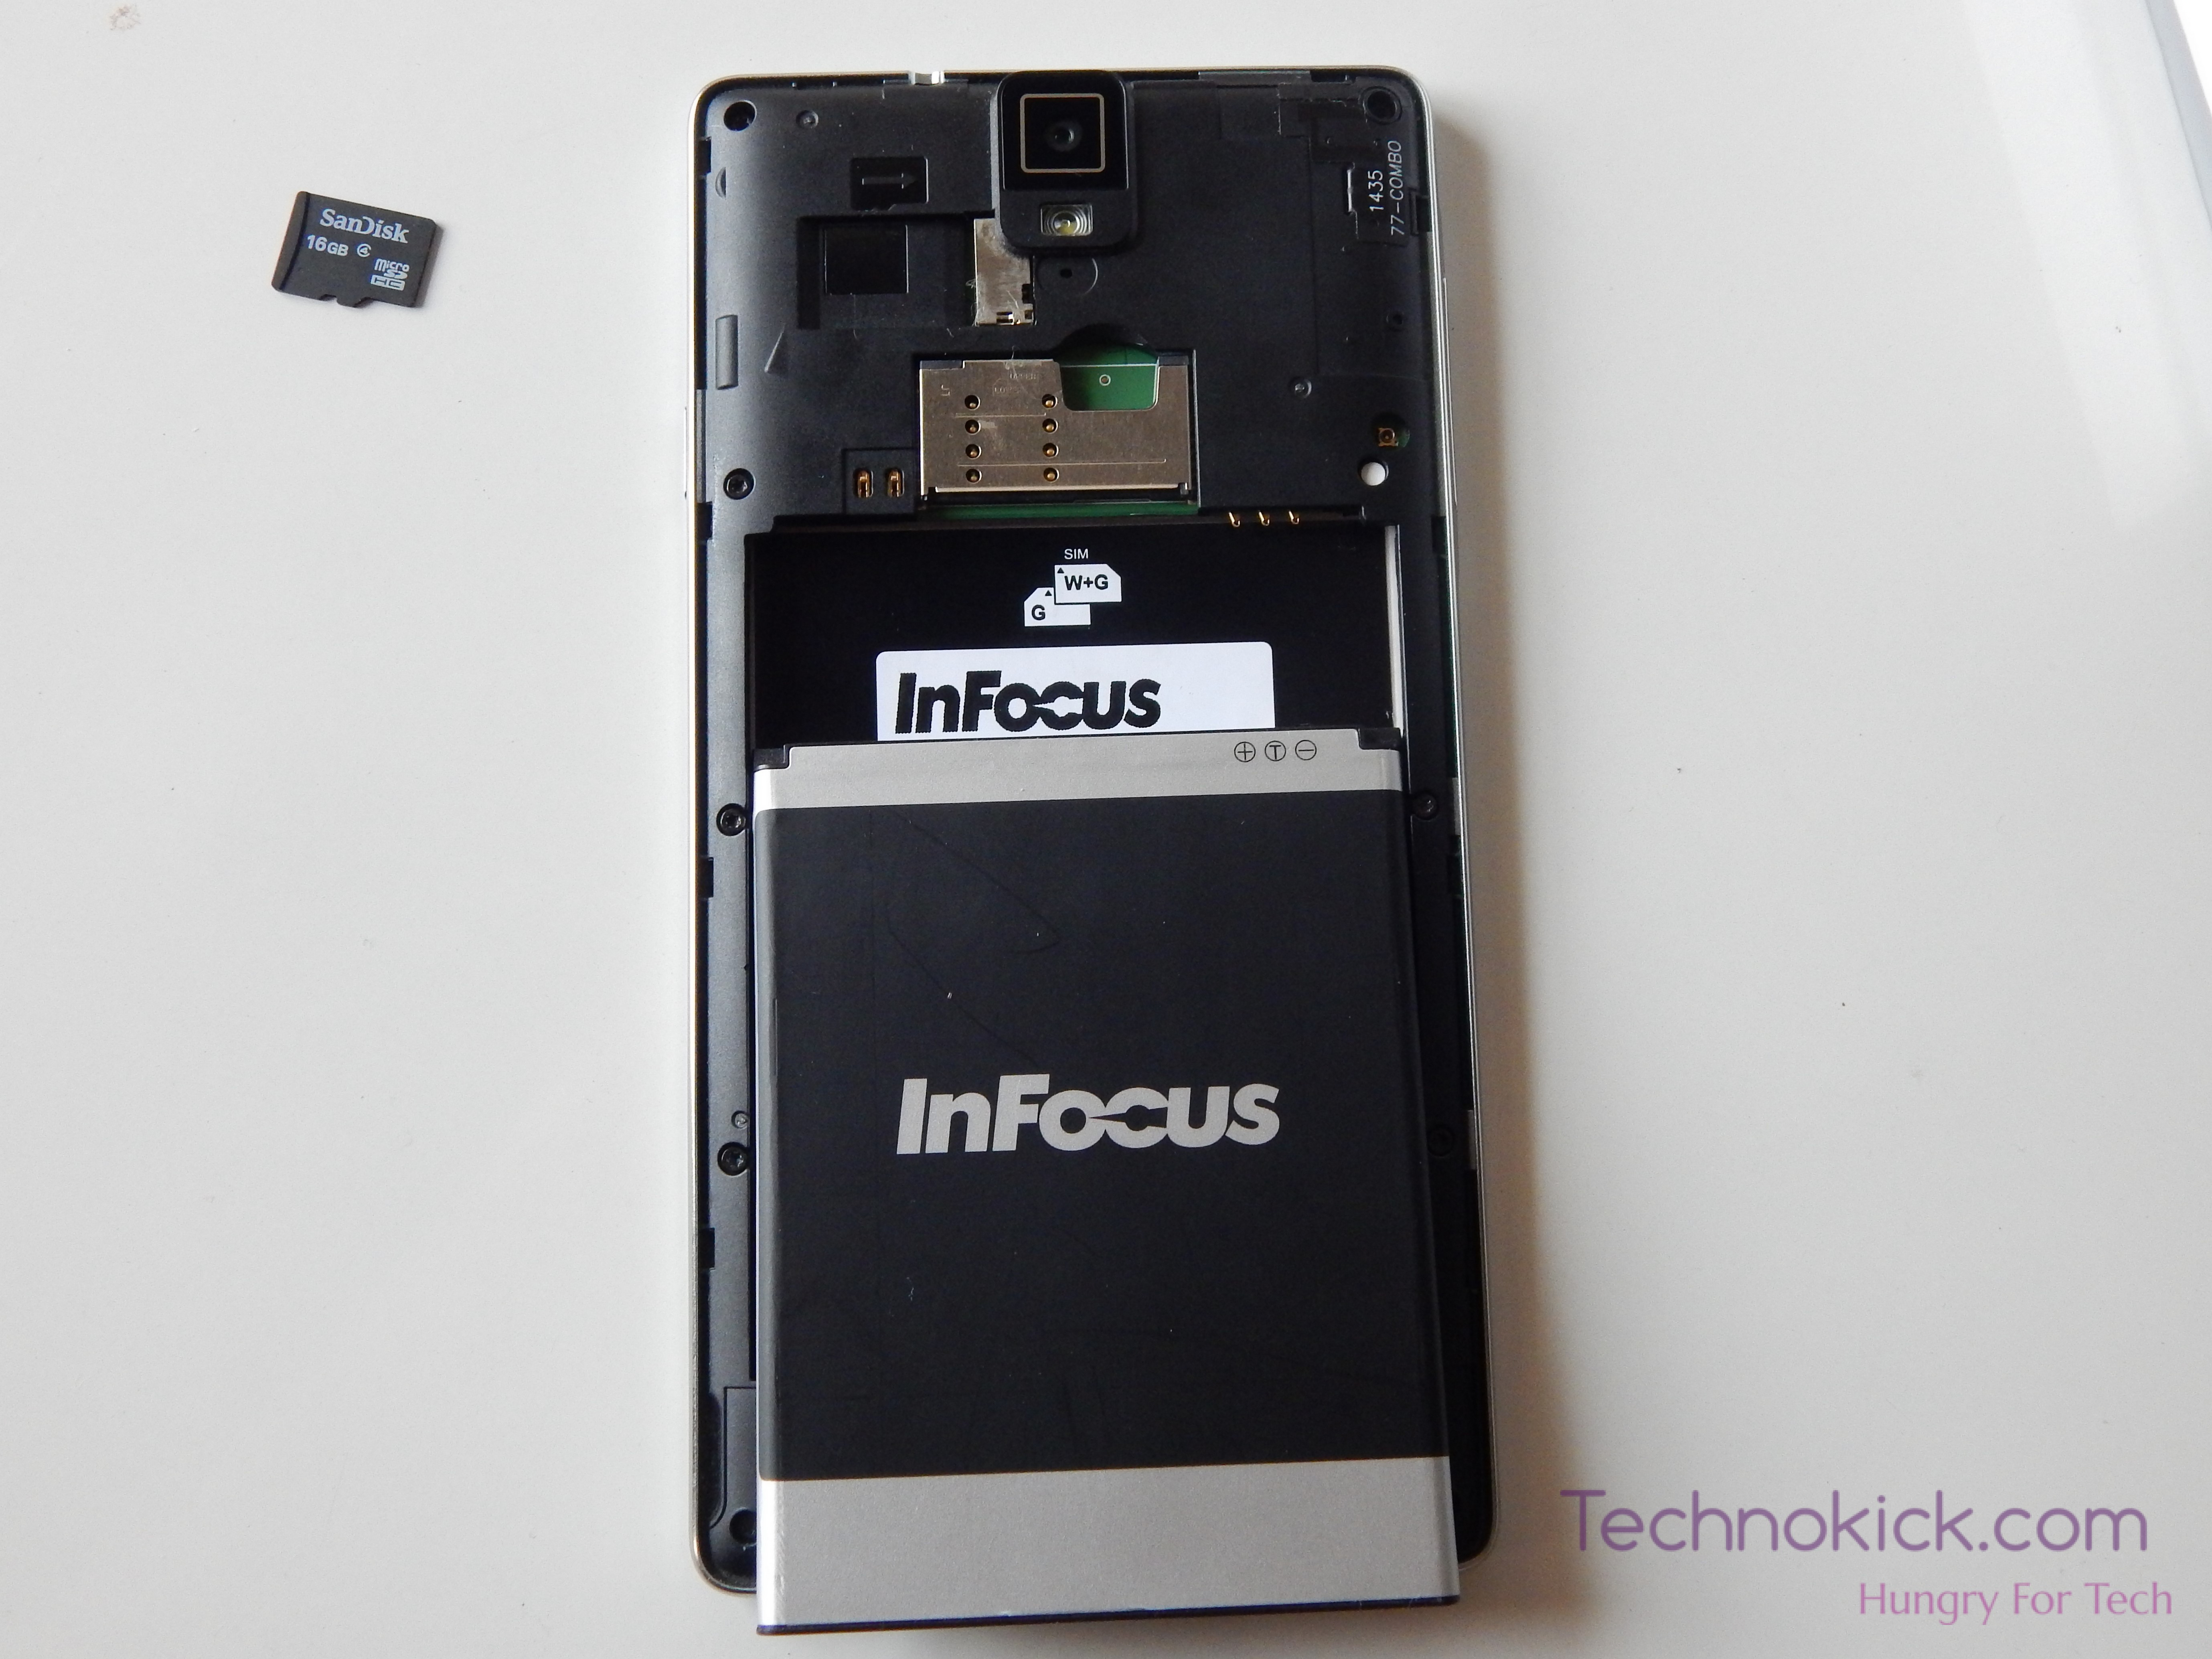 Infocus_m330_1